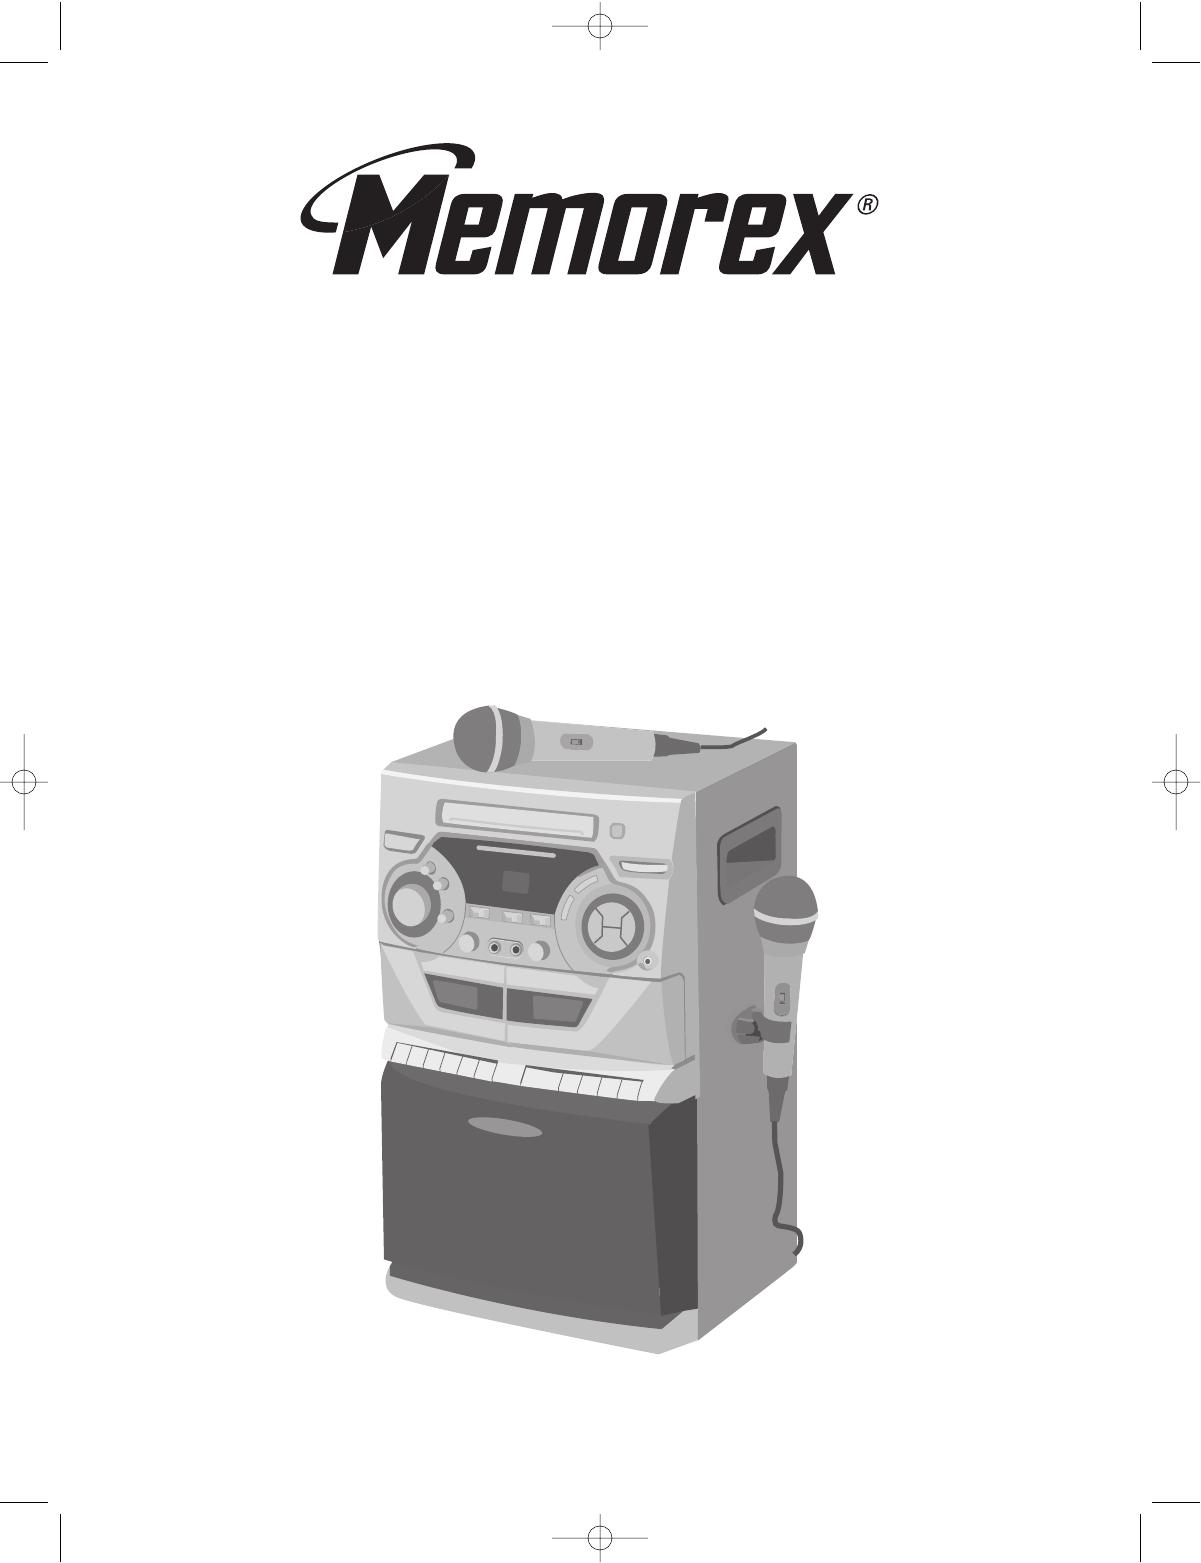 memorex stereo system mks5012 user guide